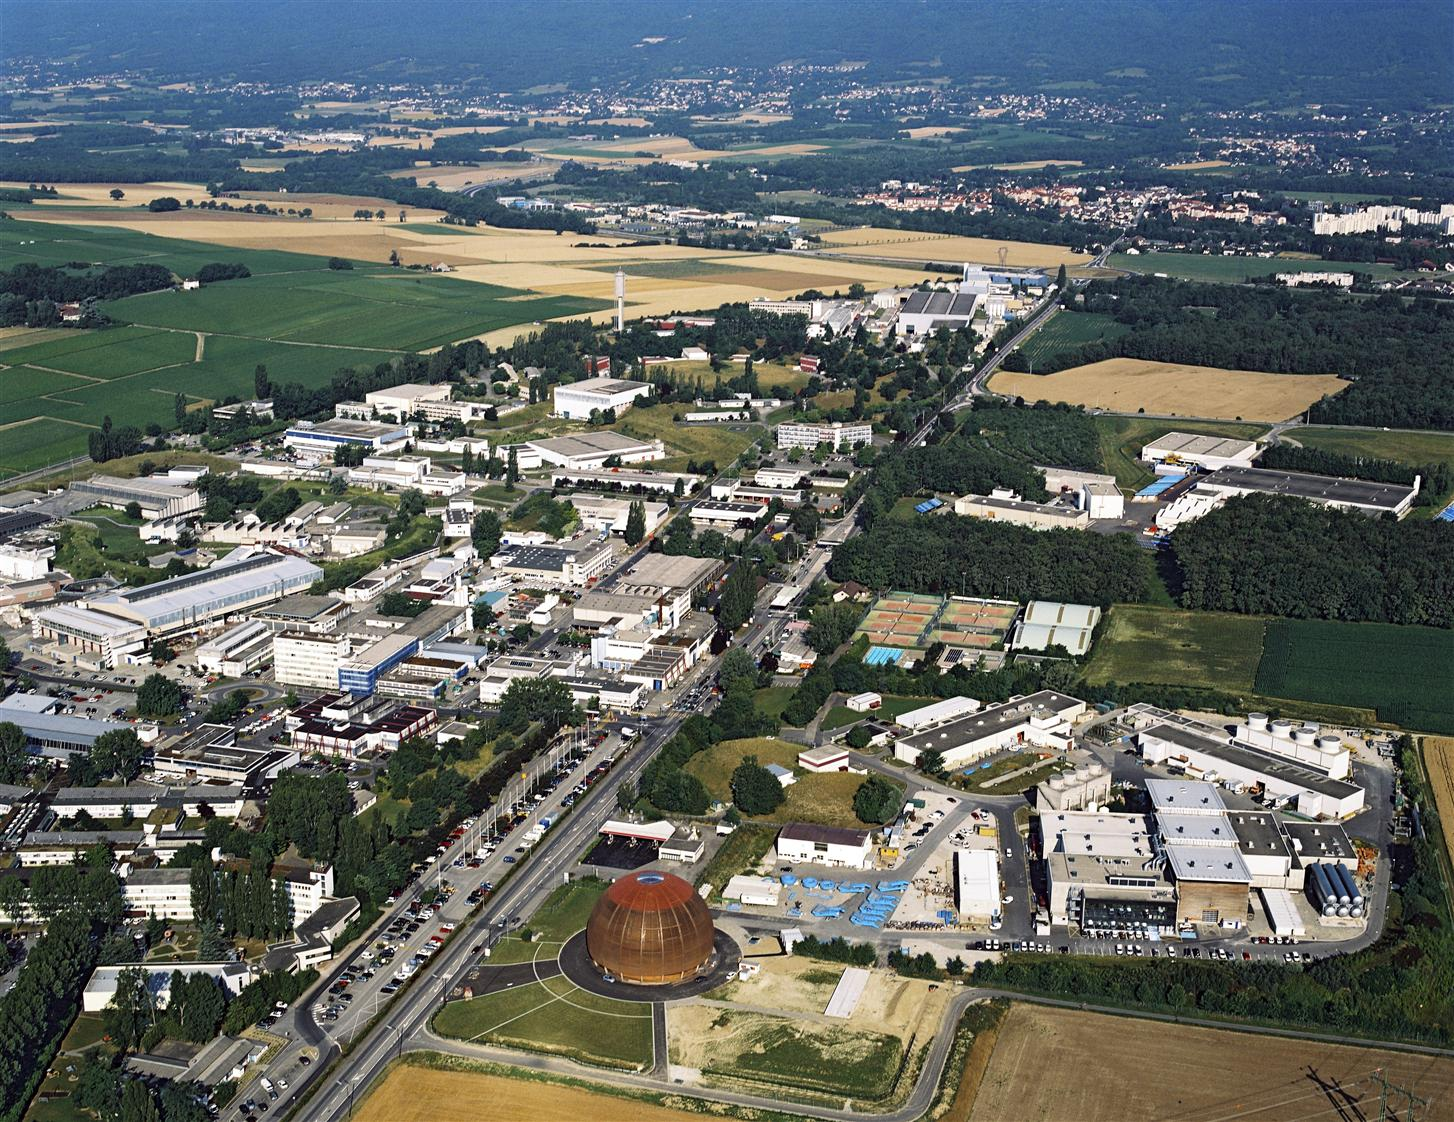 A1_CERNi